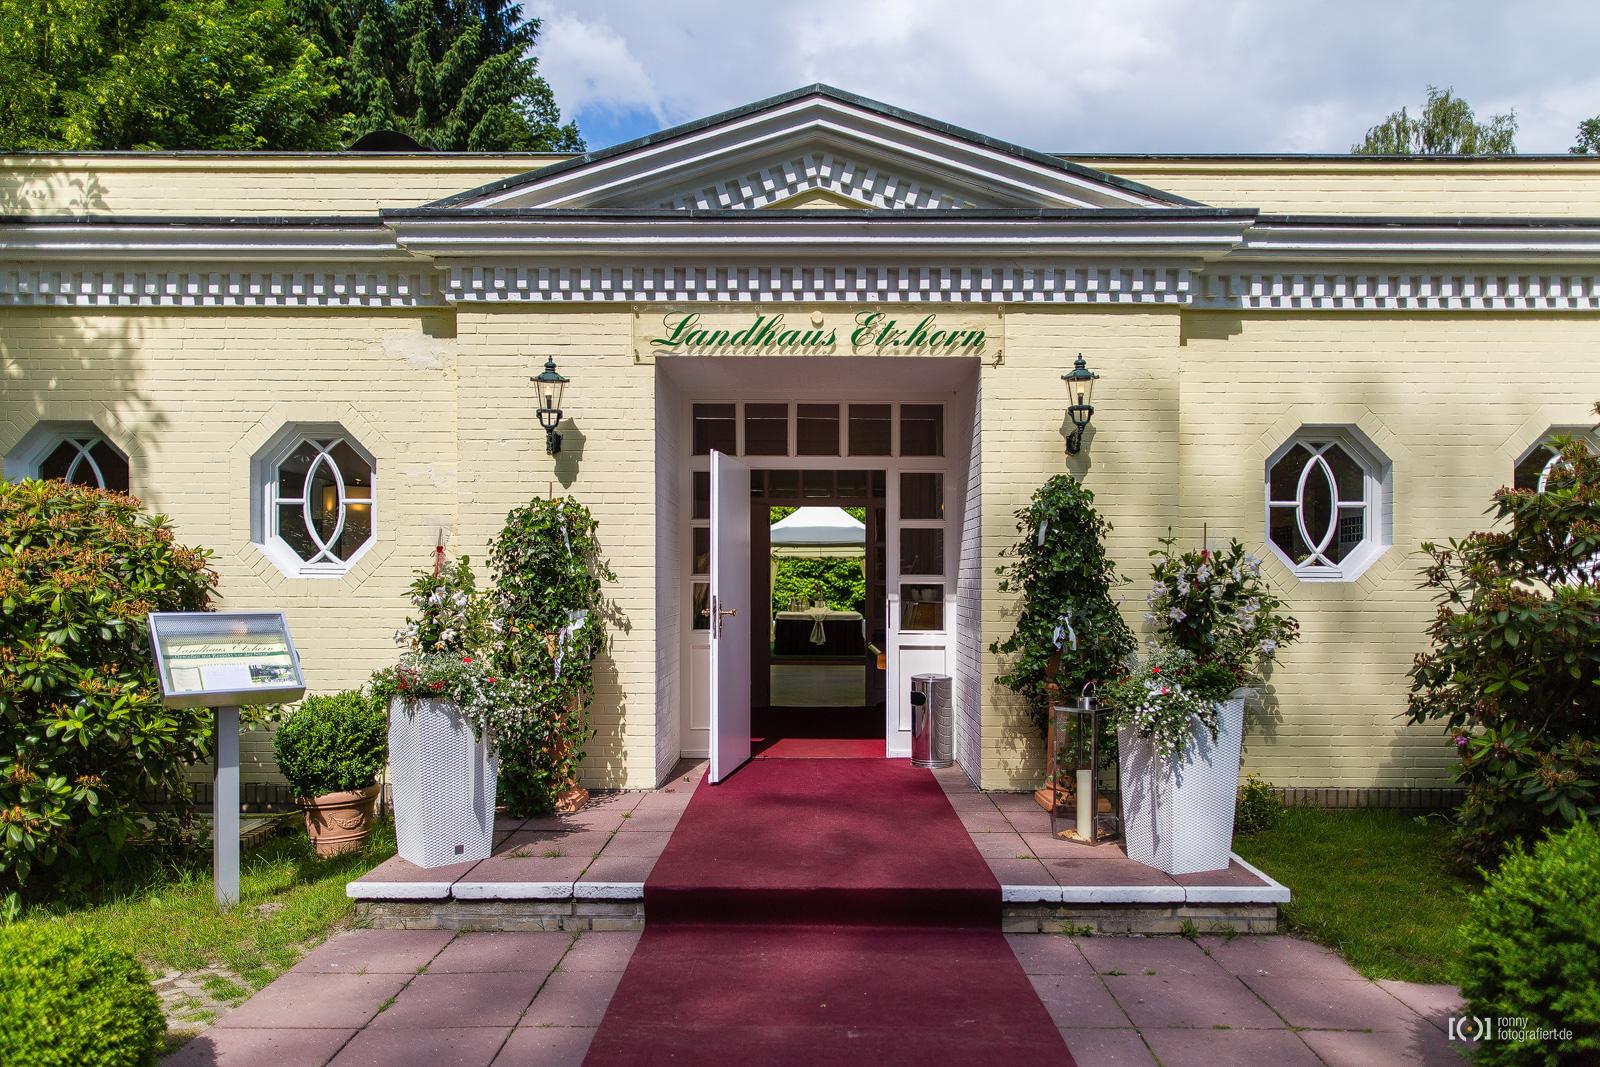 Freie Trauung Und Hochzeitsfeier Im Landhaus Etzhorn Oldenburg